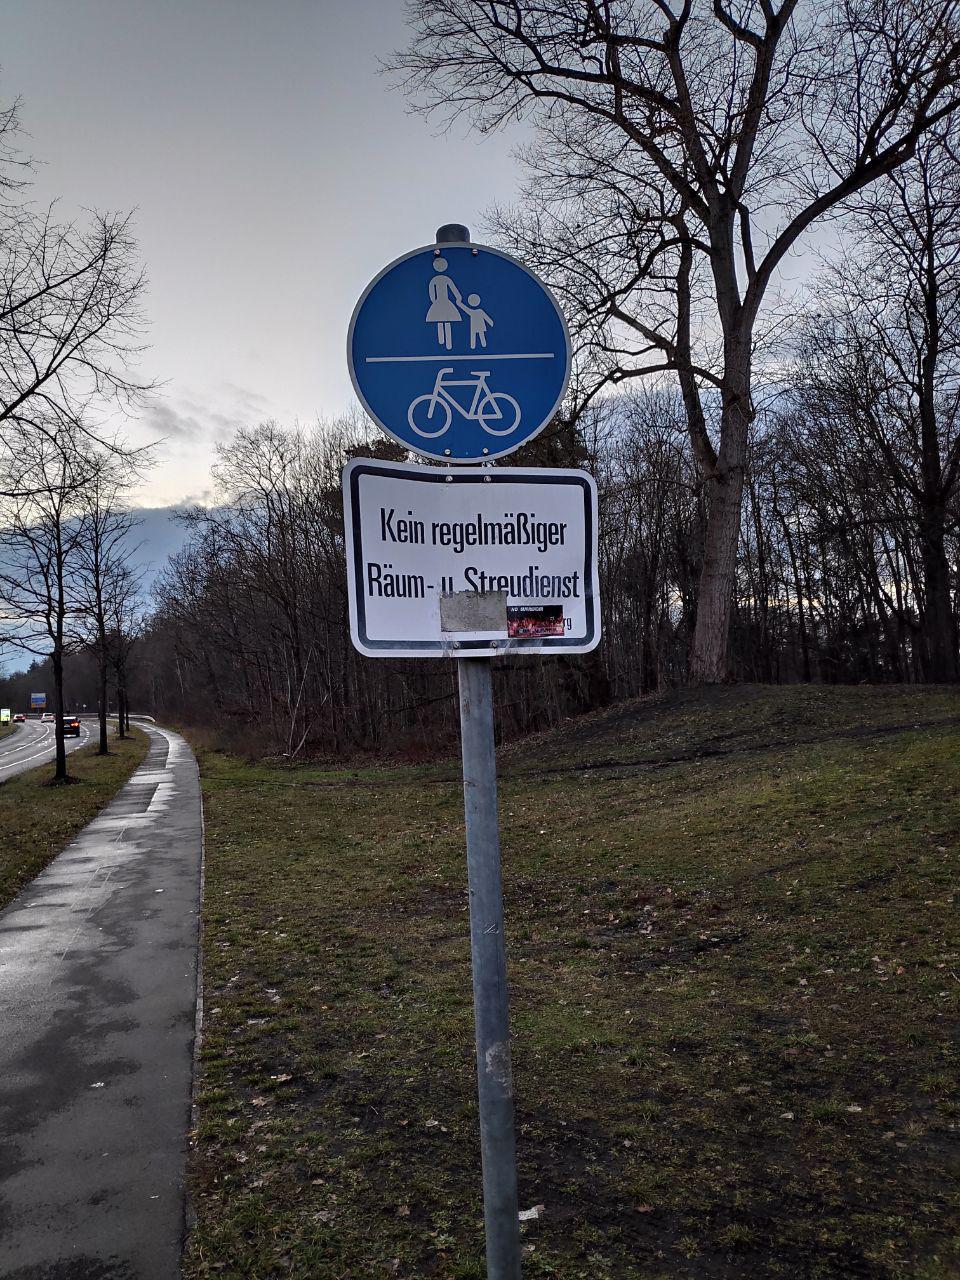 Benutzungspflichtiger Radweg – ohne Winterdienst?